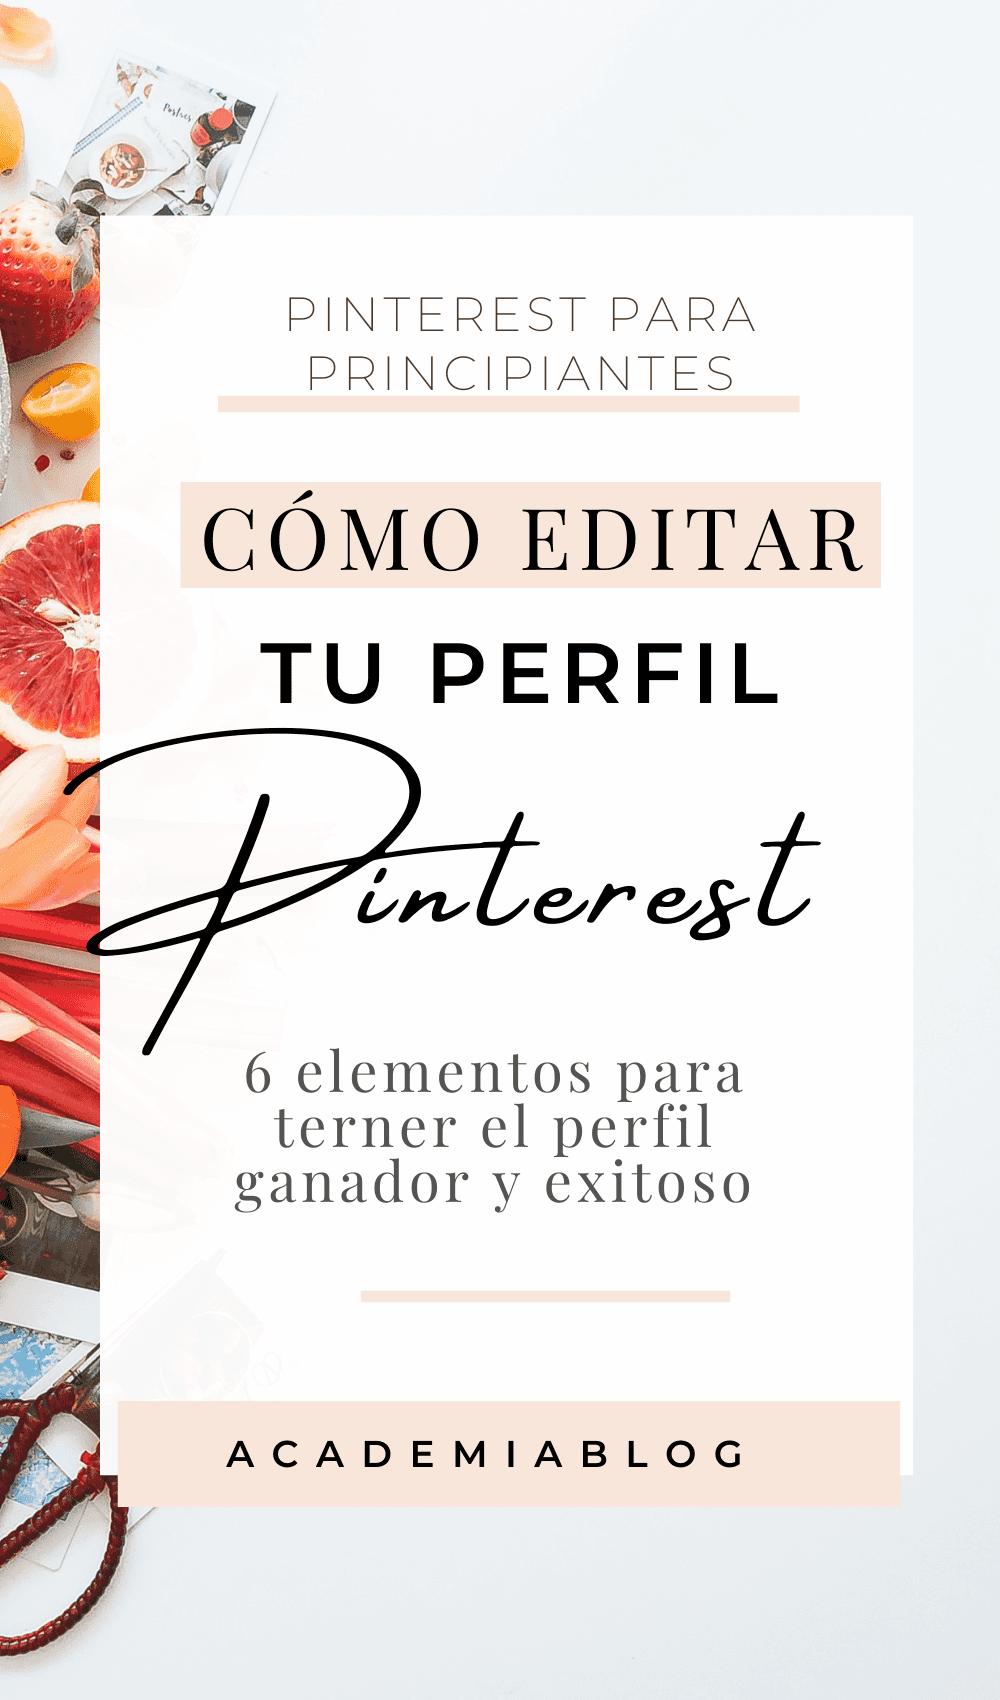 Cómo editar el Perfil en Pinterest - 6 elementos para tener el perfil perfecto. Pinterest para principiantes